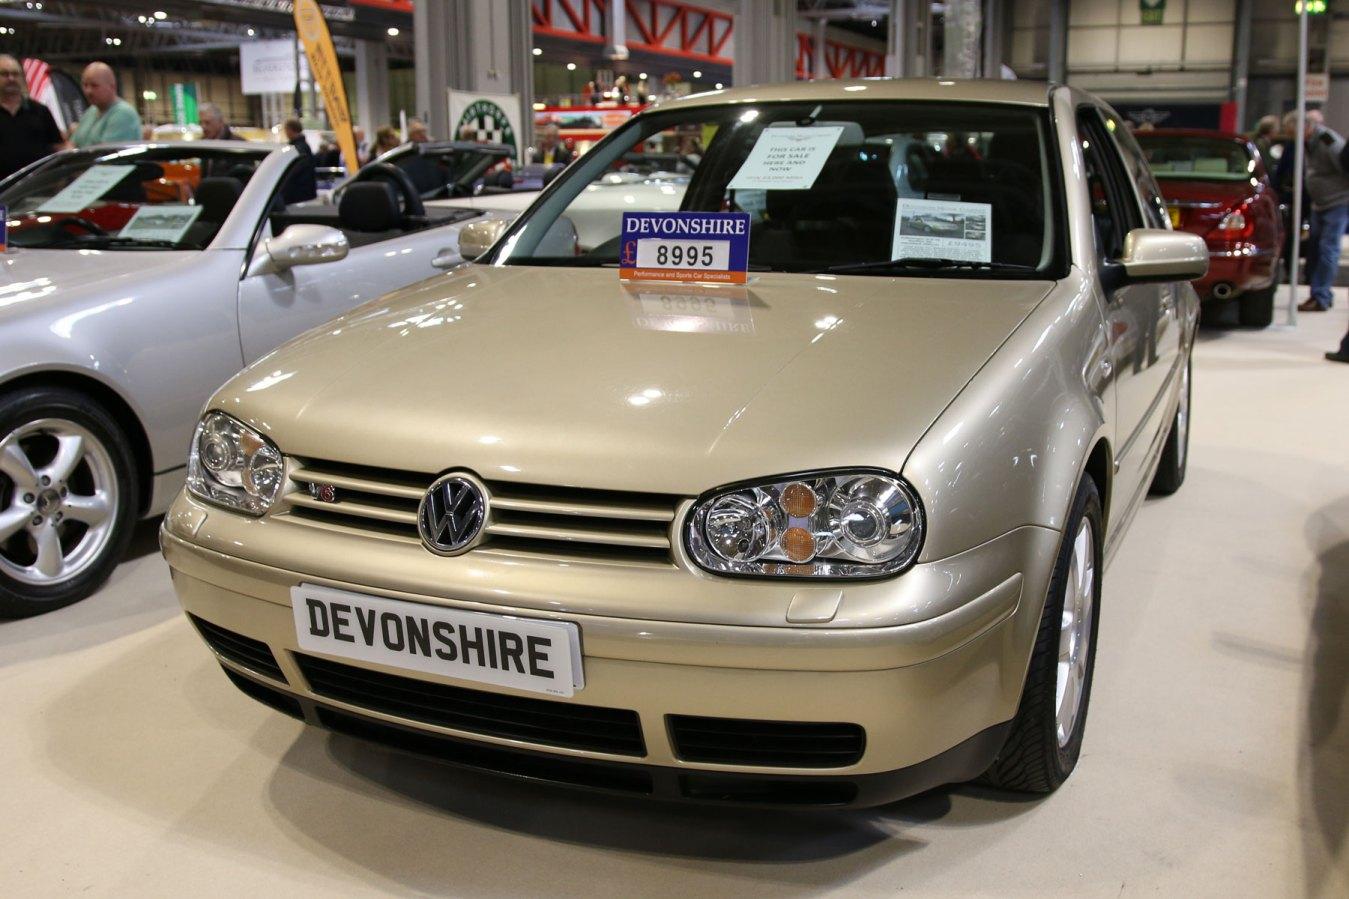 Volkswagen Golf: £8,995 - £9,495